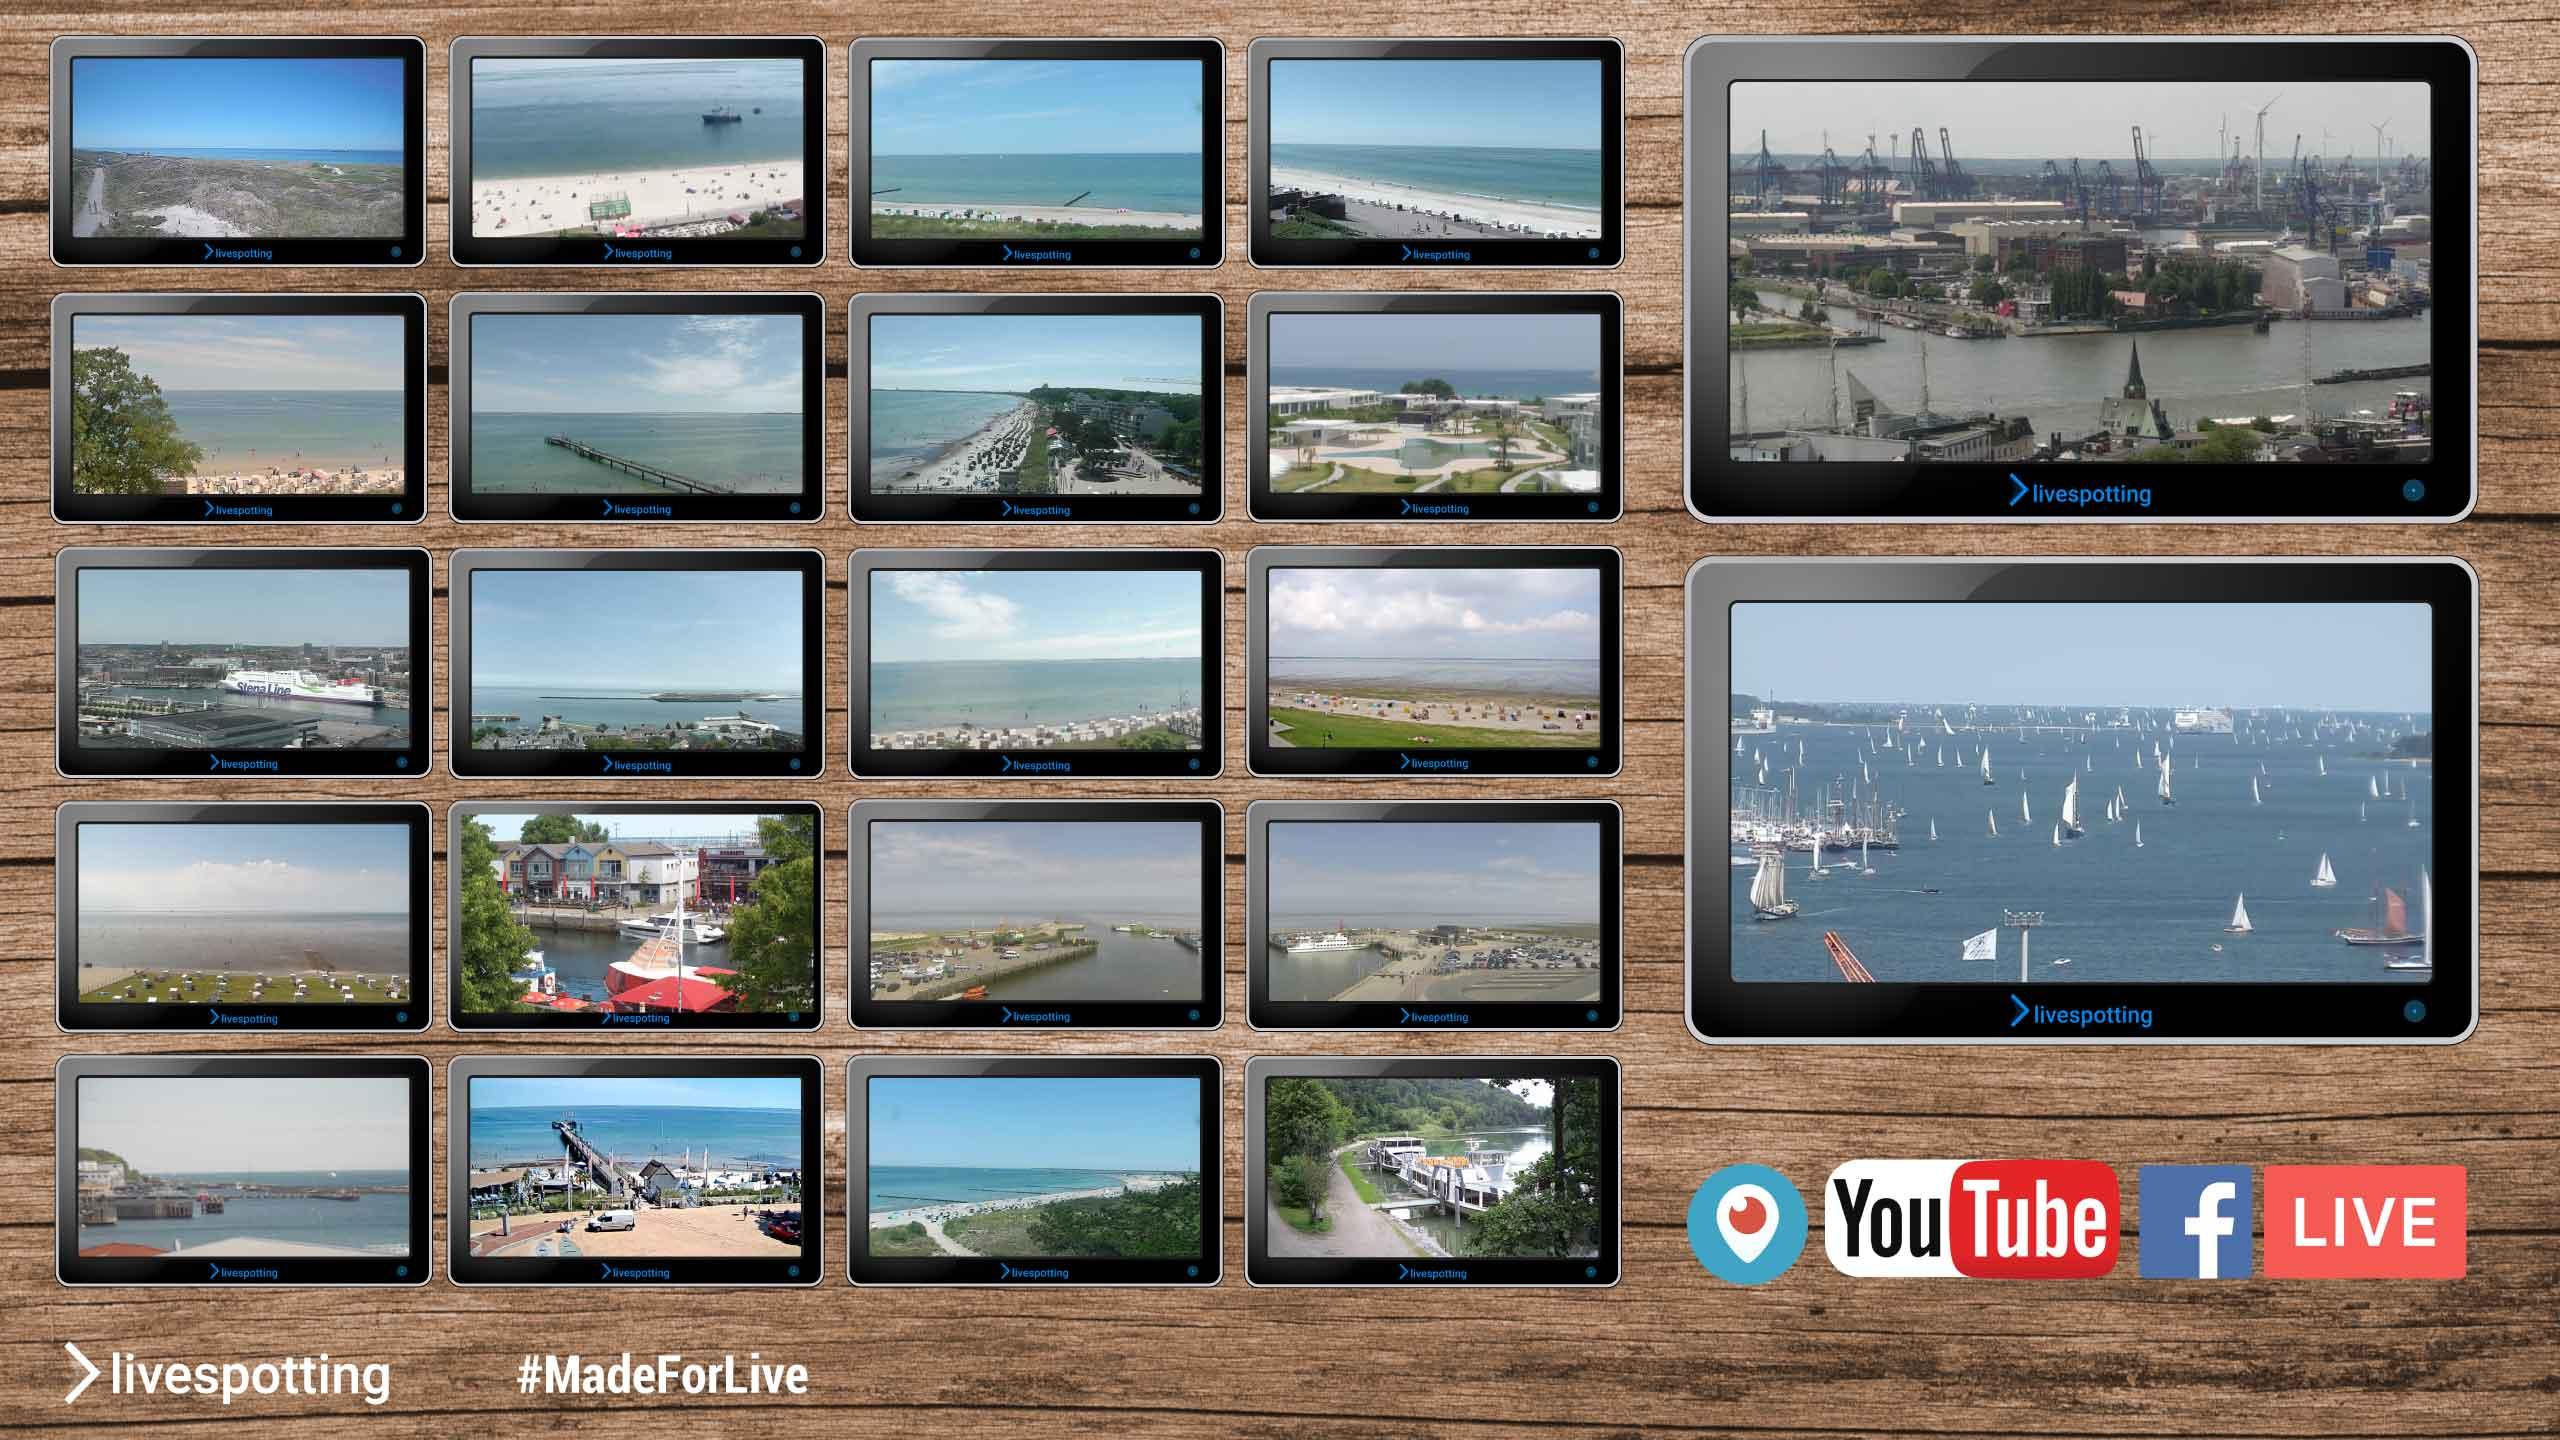 Webcam Programm mit vielen Webcams aus Deutschland.